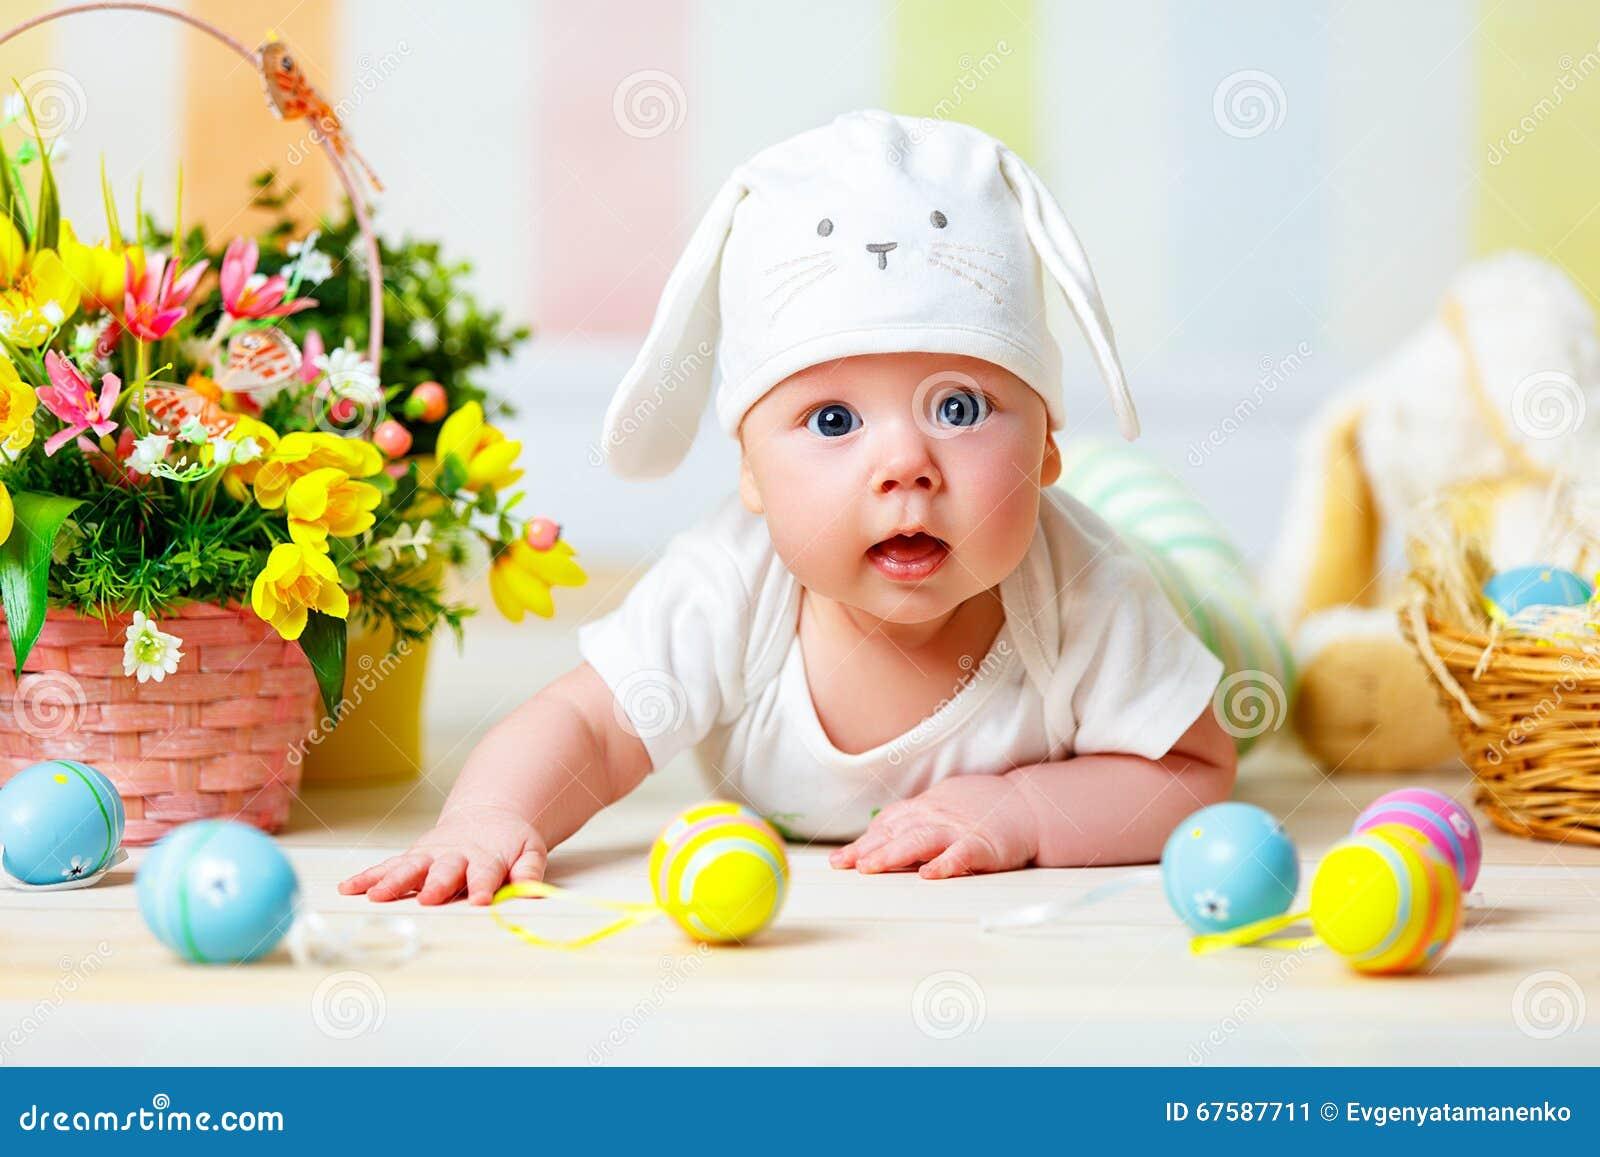 Gelukkig babykind met Paashaasoren en eieren en bloemen